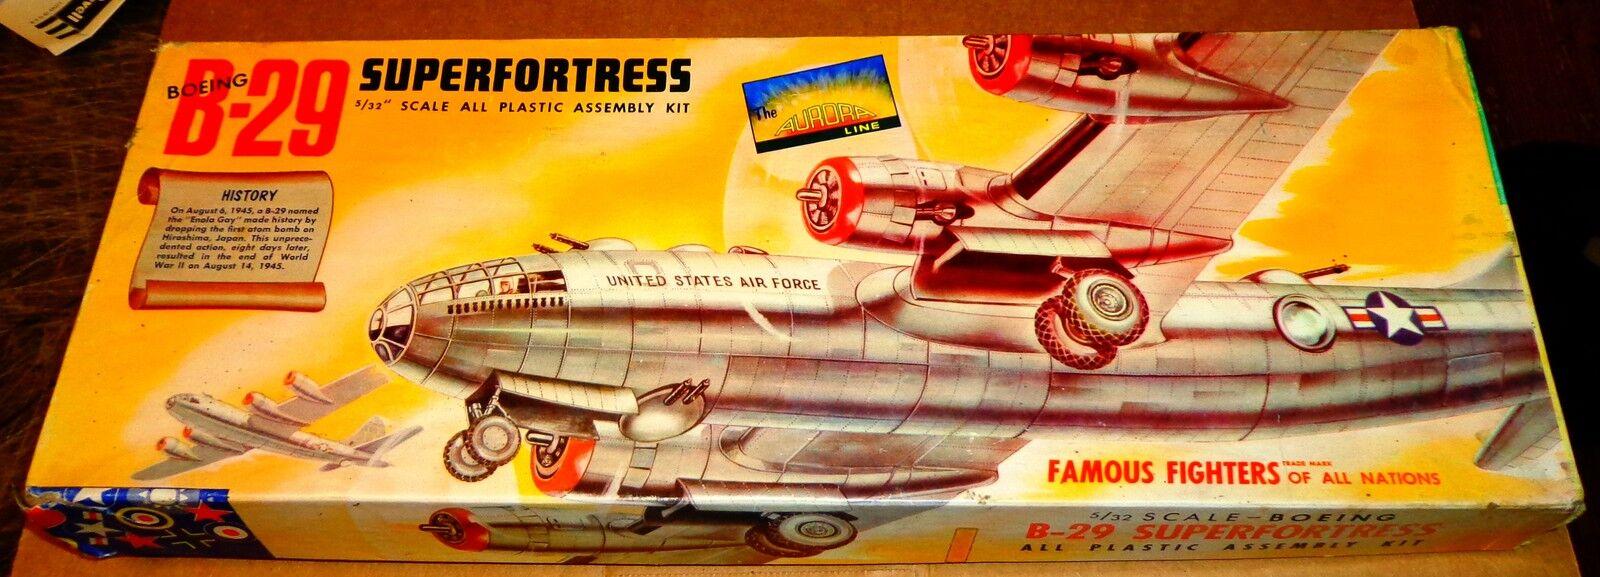 VINTAGE [1954] AURORA BOEING B-29 SUPERFORTRESS 1 76 w  CEMENT & REPRO DECALS